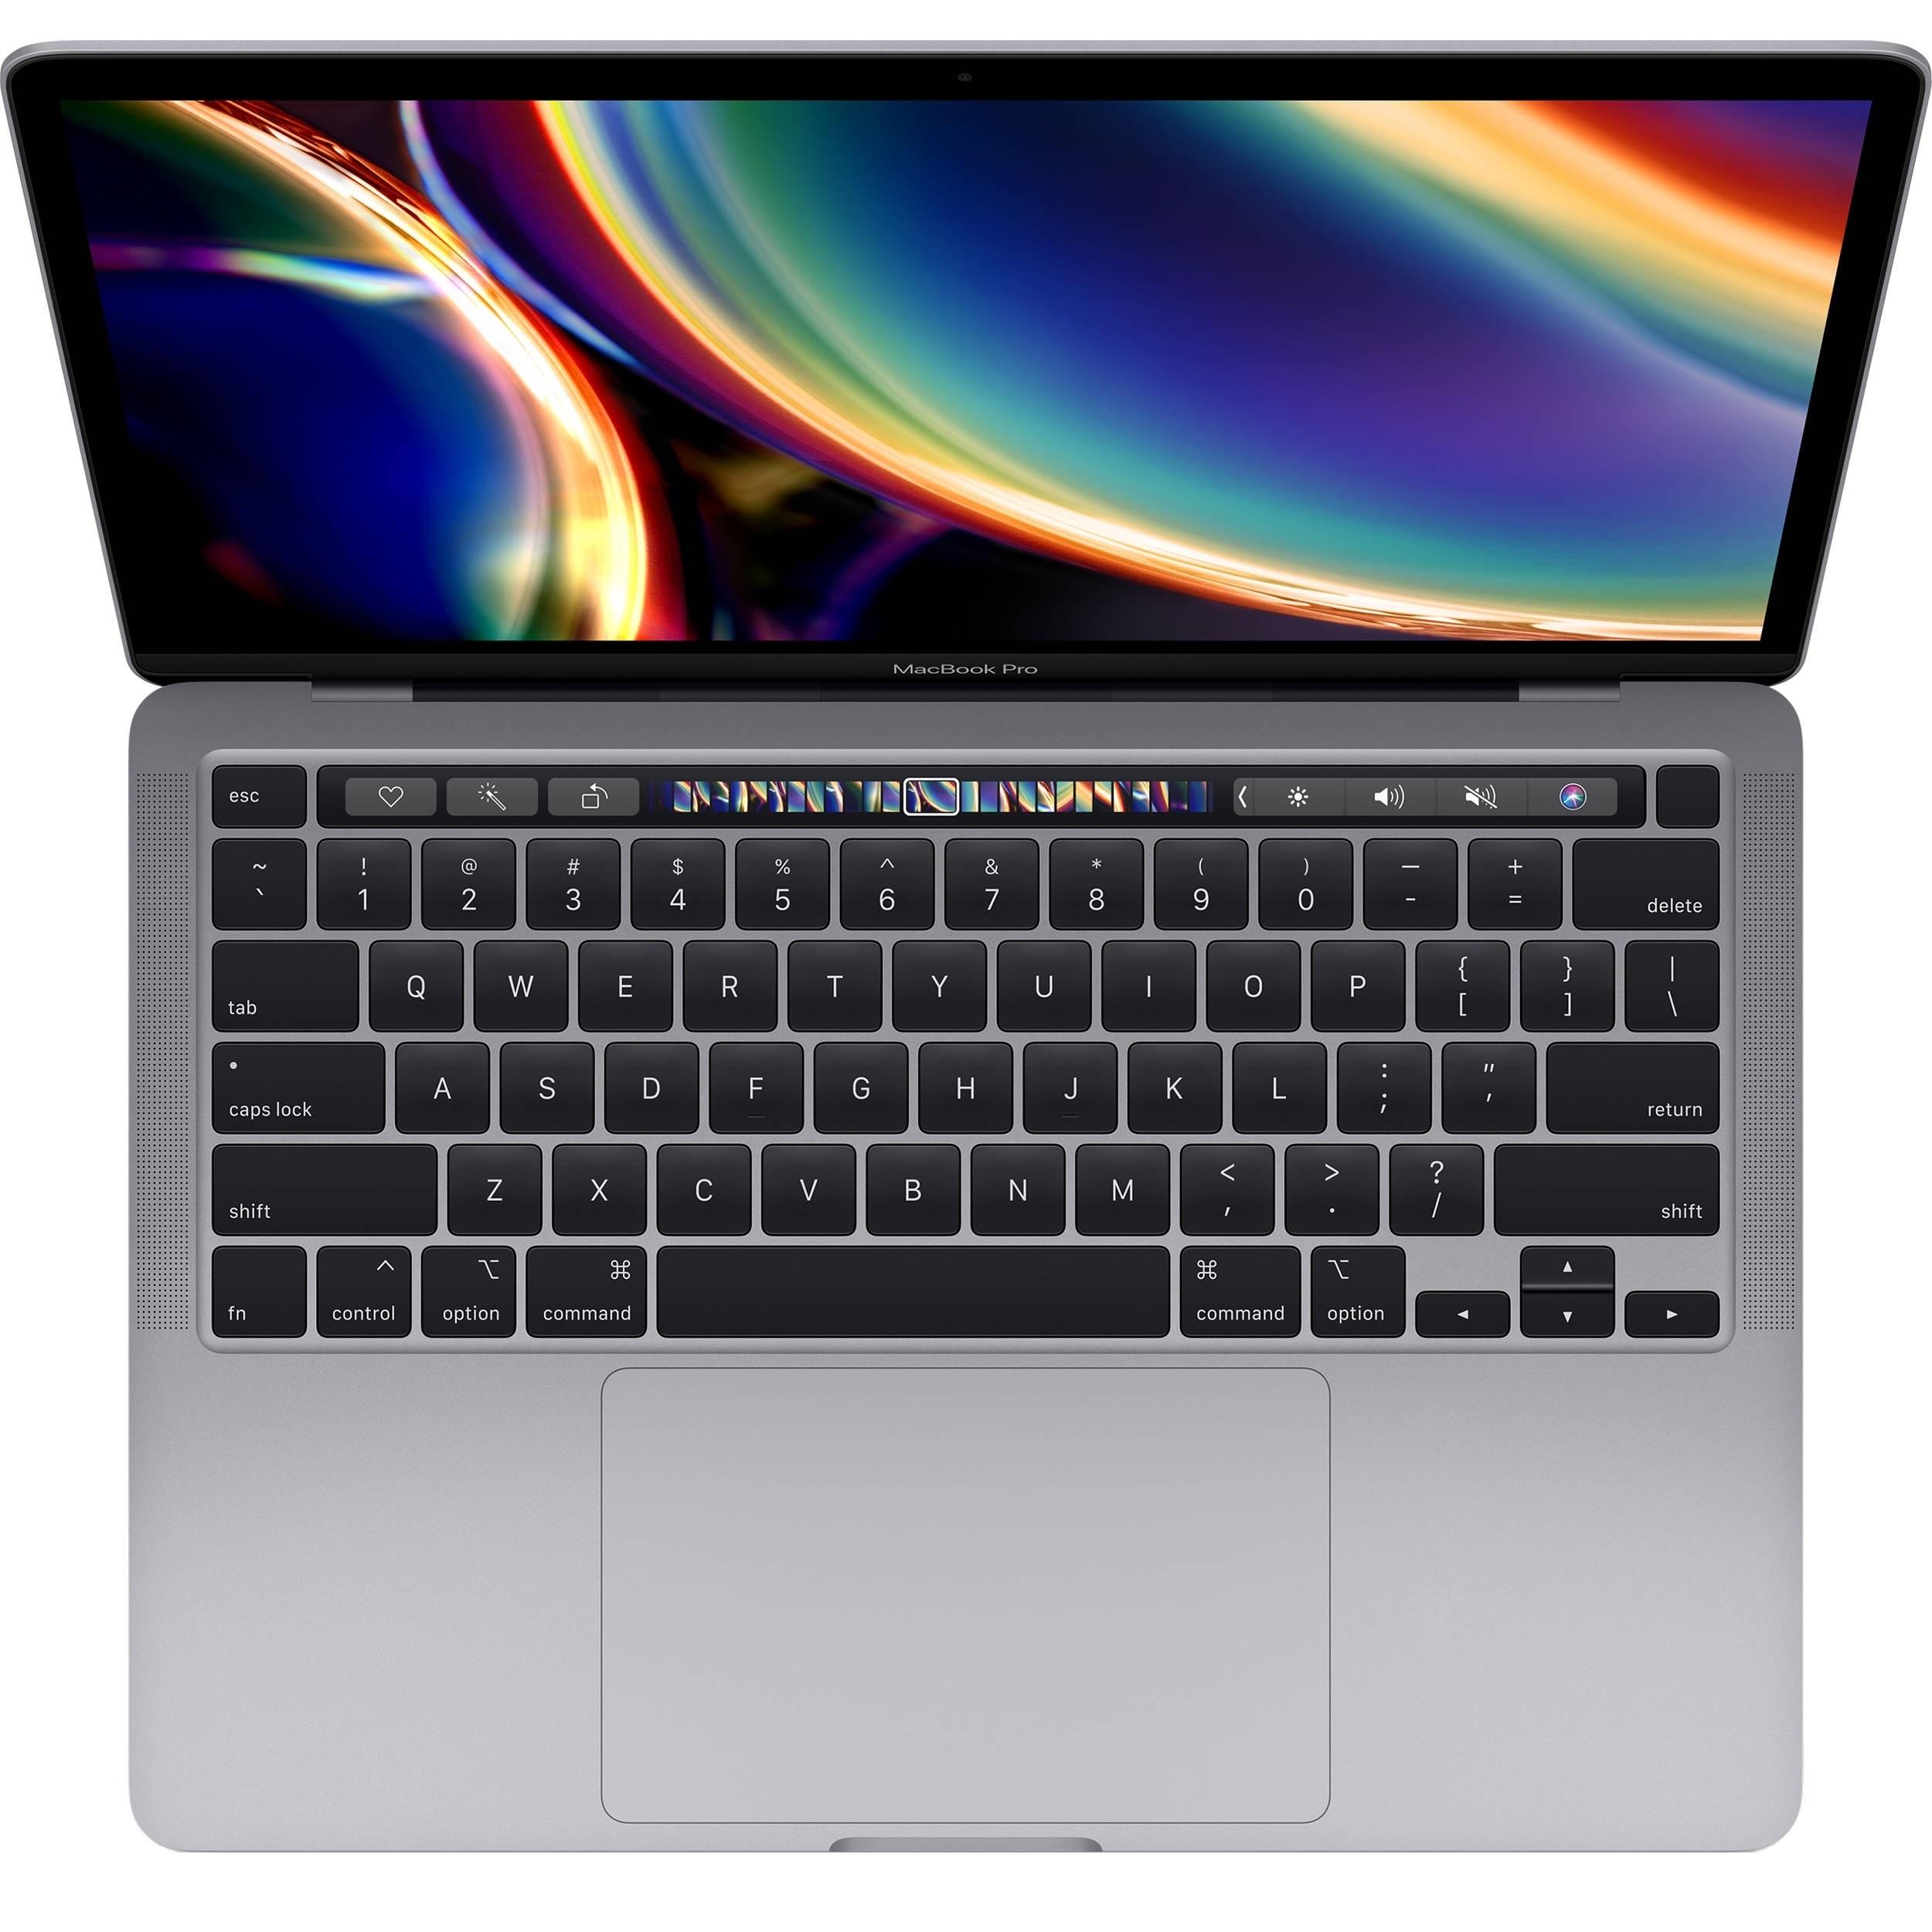 لپ تاپ 13 اینچی اپل مدل MacBook Pro MWP42 2020 همراه با تاچ بار